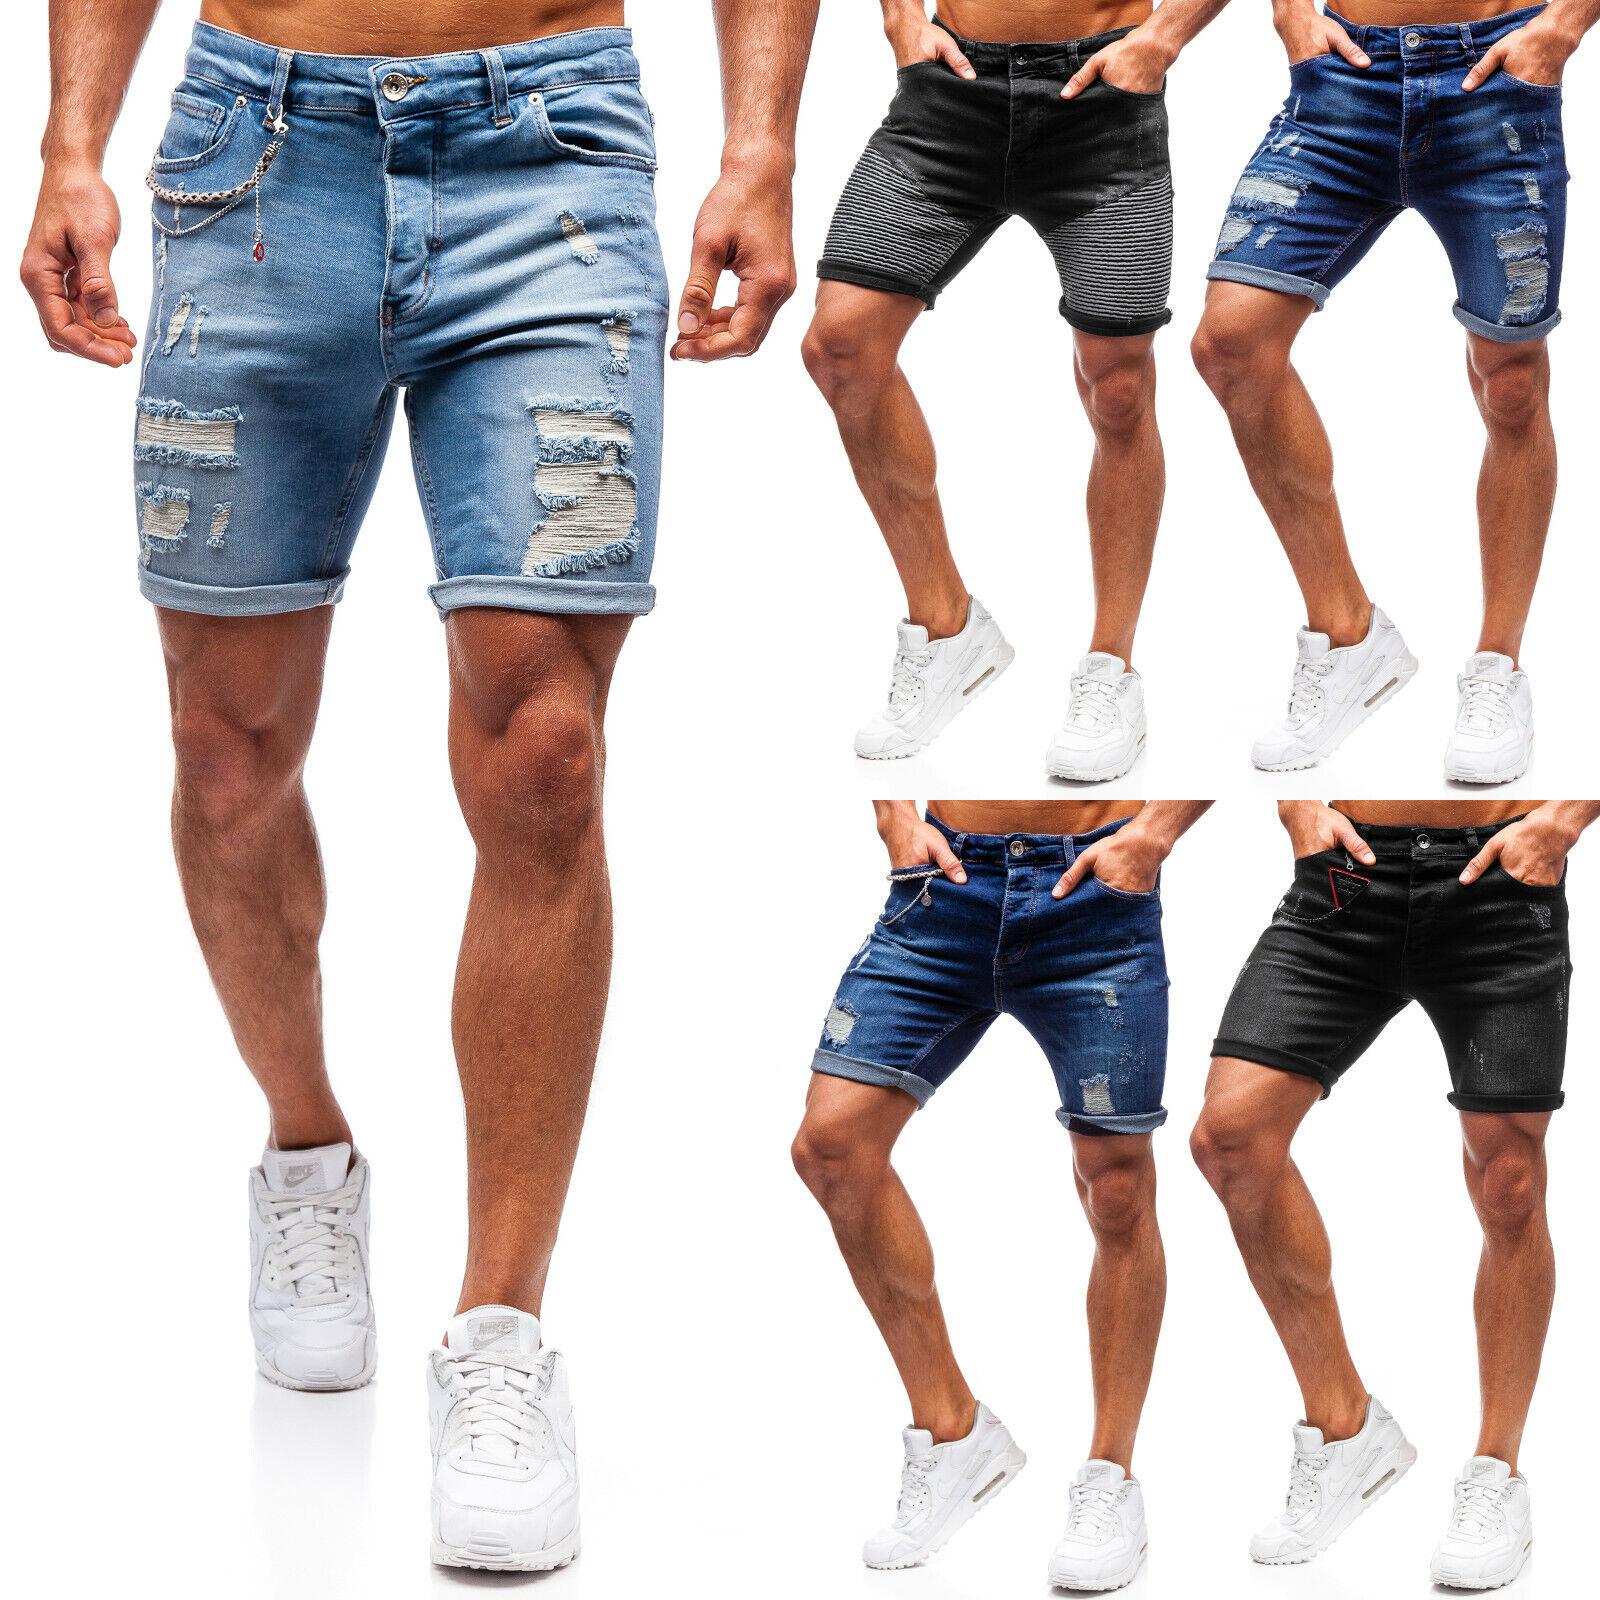 Shorts Jeans Denim Kurzhose Bermudas Sport Freizeit Herren Mix BOLF 7G7 Classic